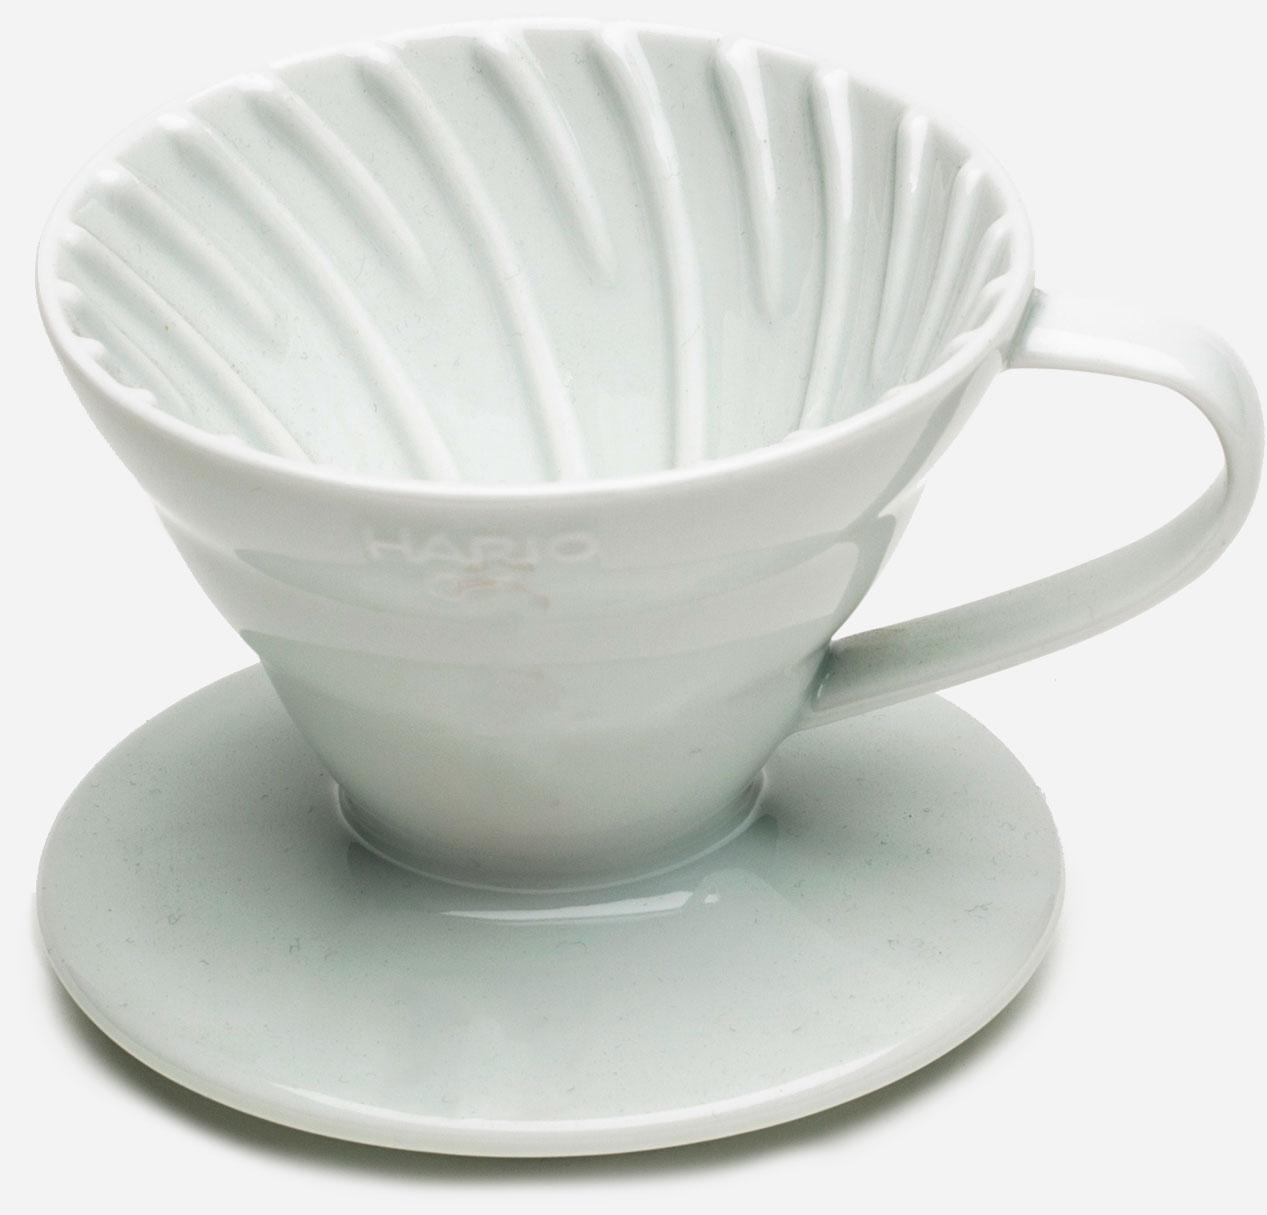 Hario V60-01 Pourover - Ceramic